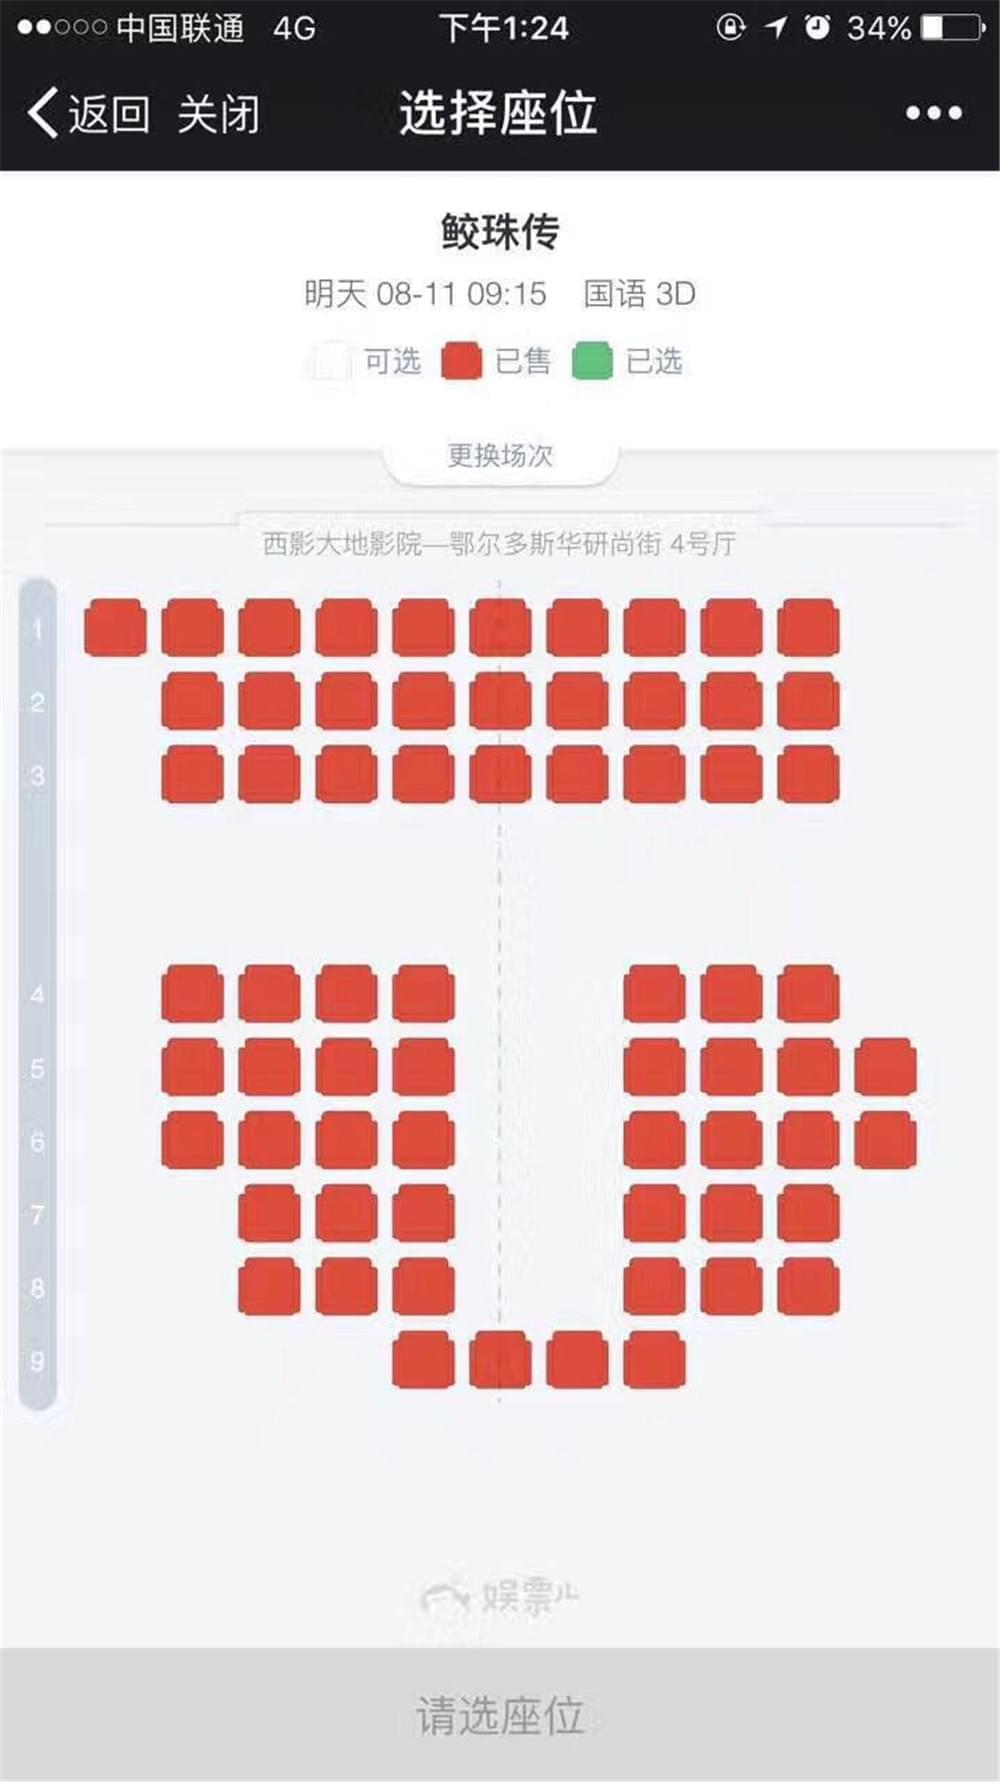 《鲛珠传》预售一票难求 上映引爆观影狂潮